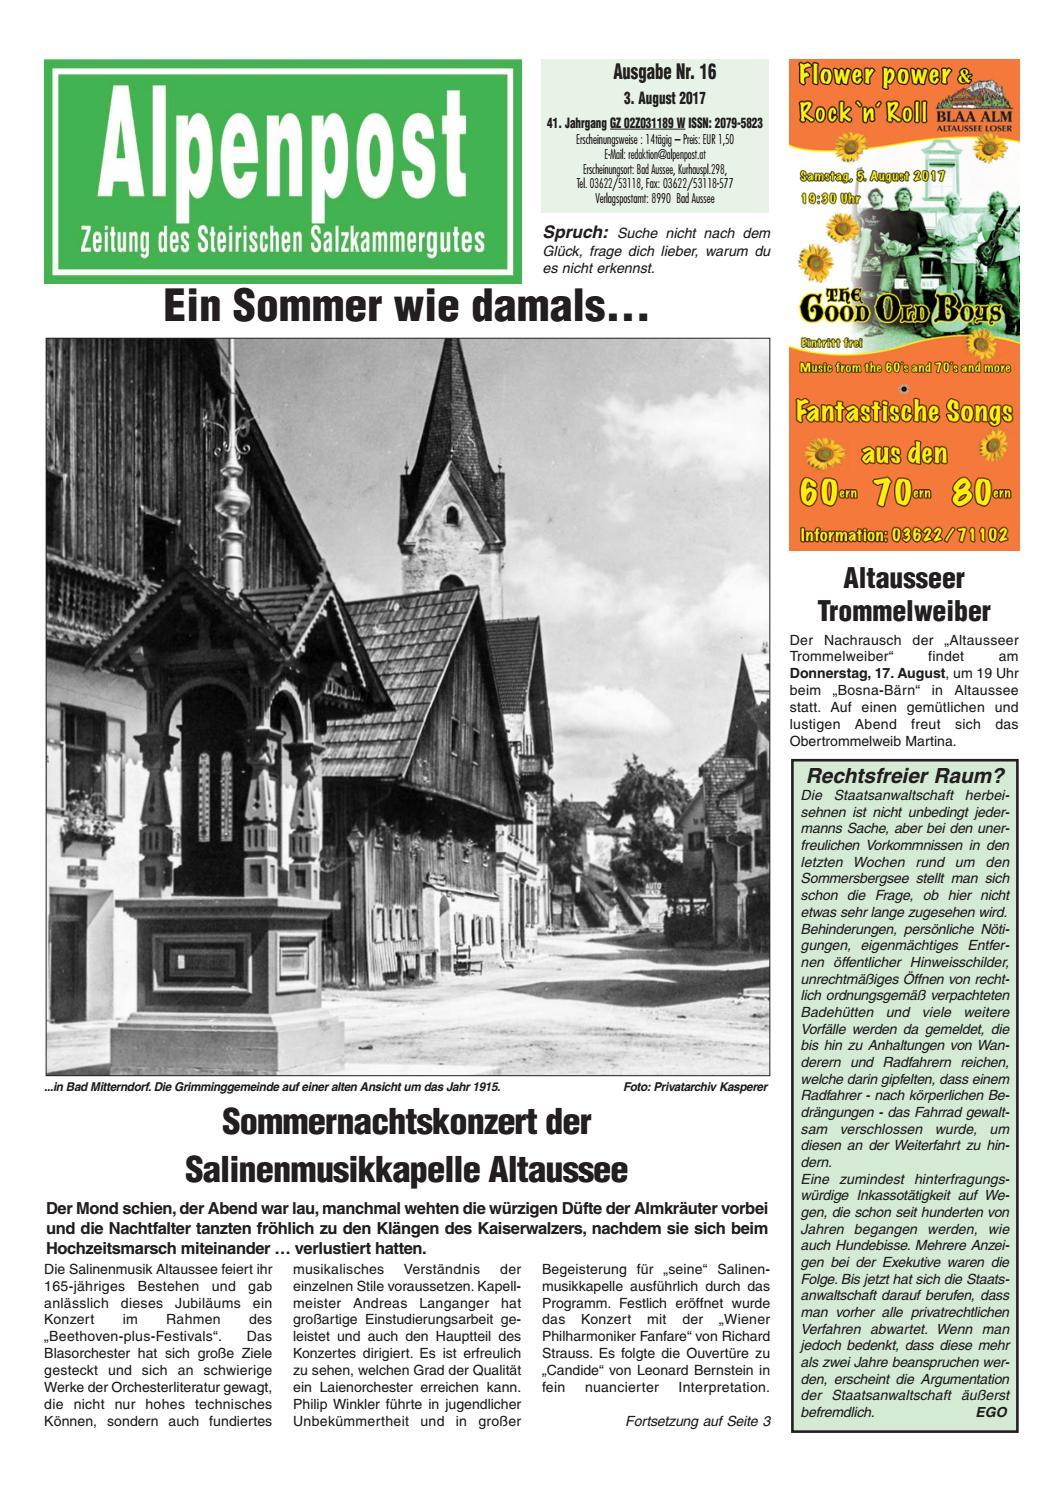 Bauernhfe Bad Mitterndorf - Bergfex